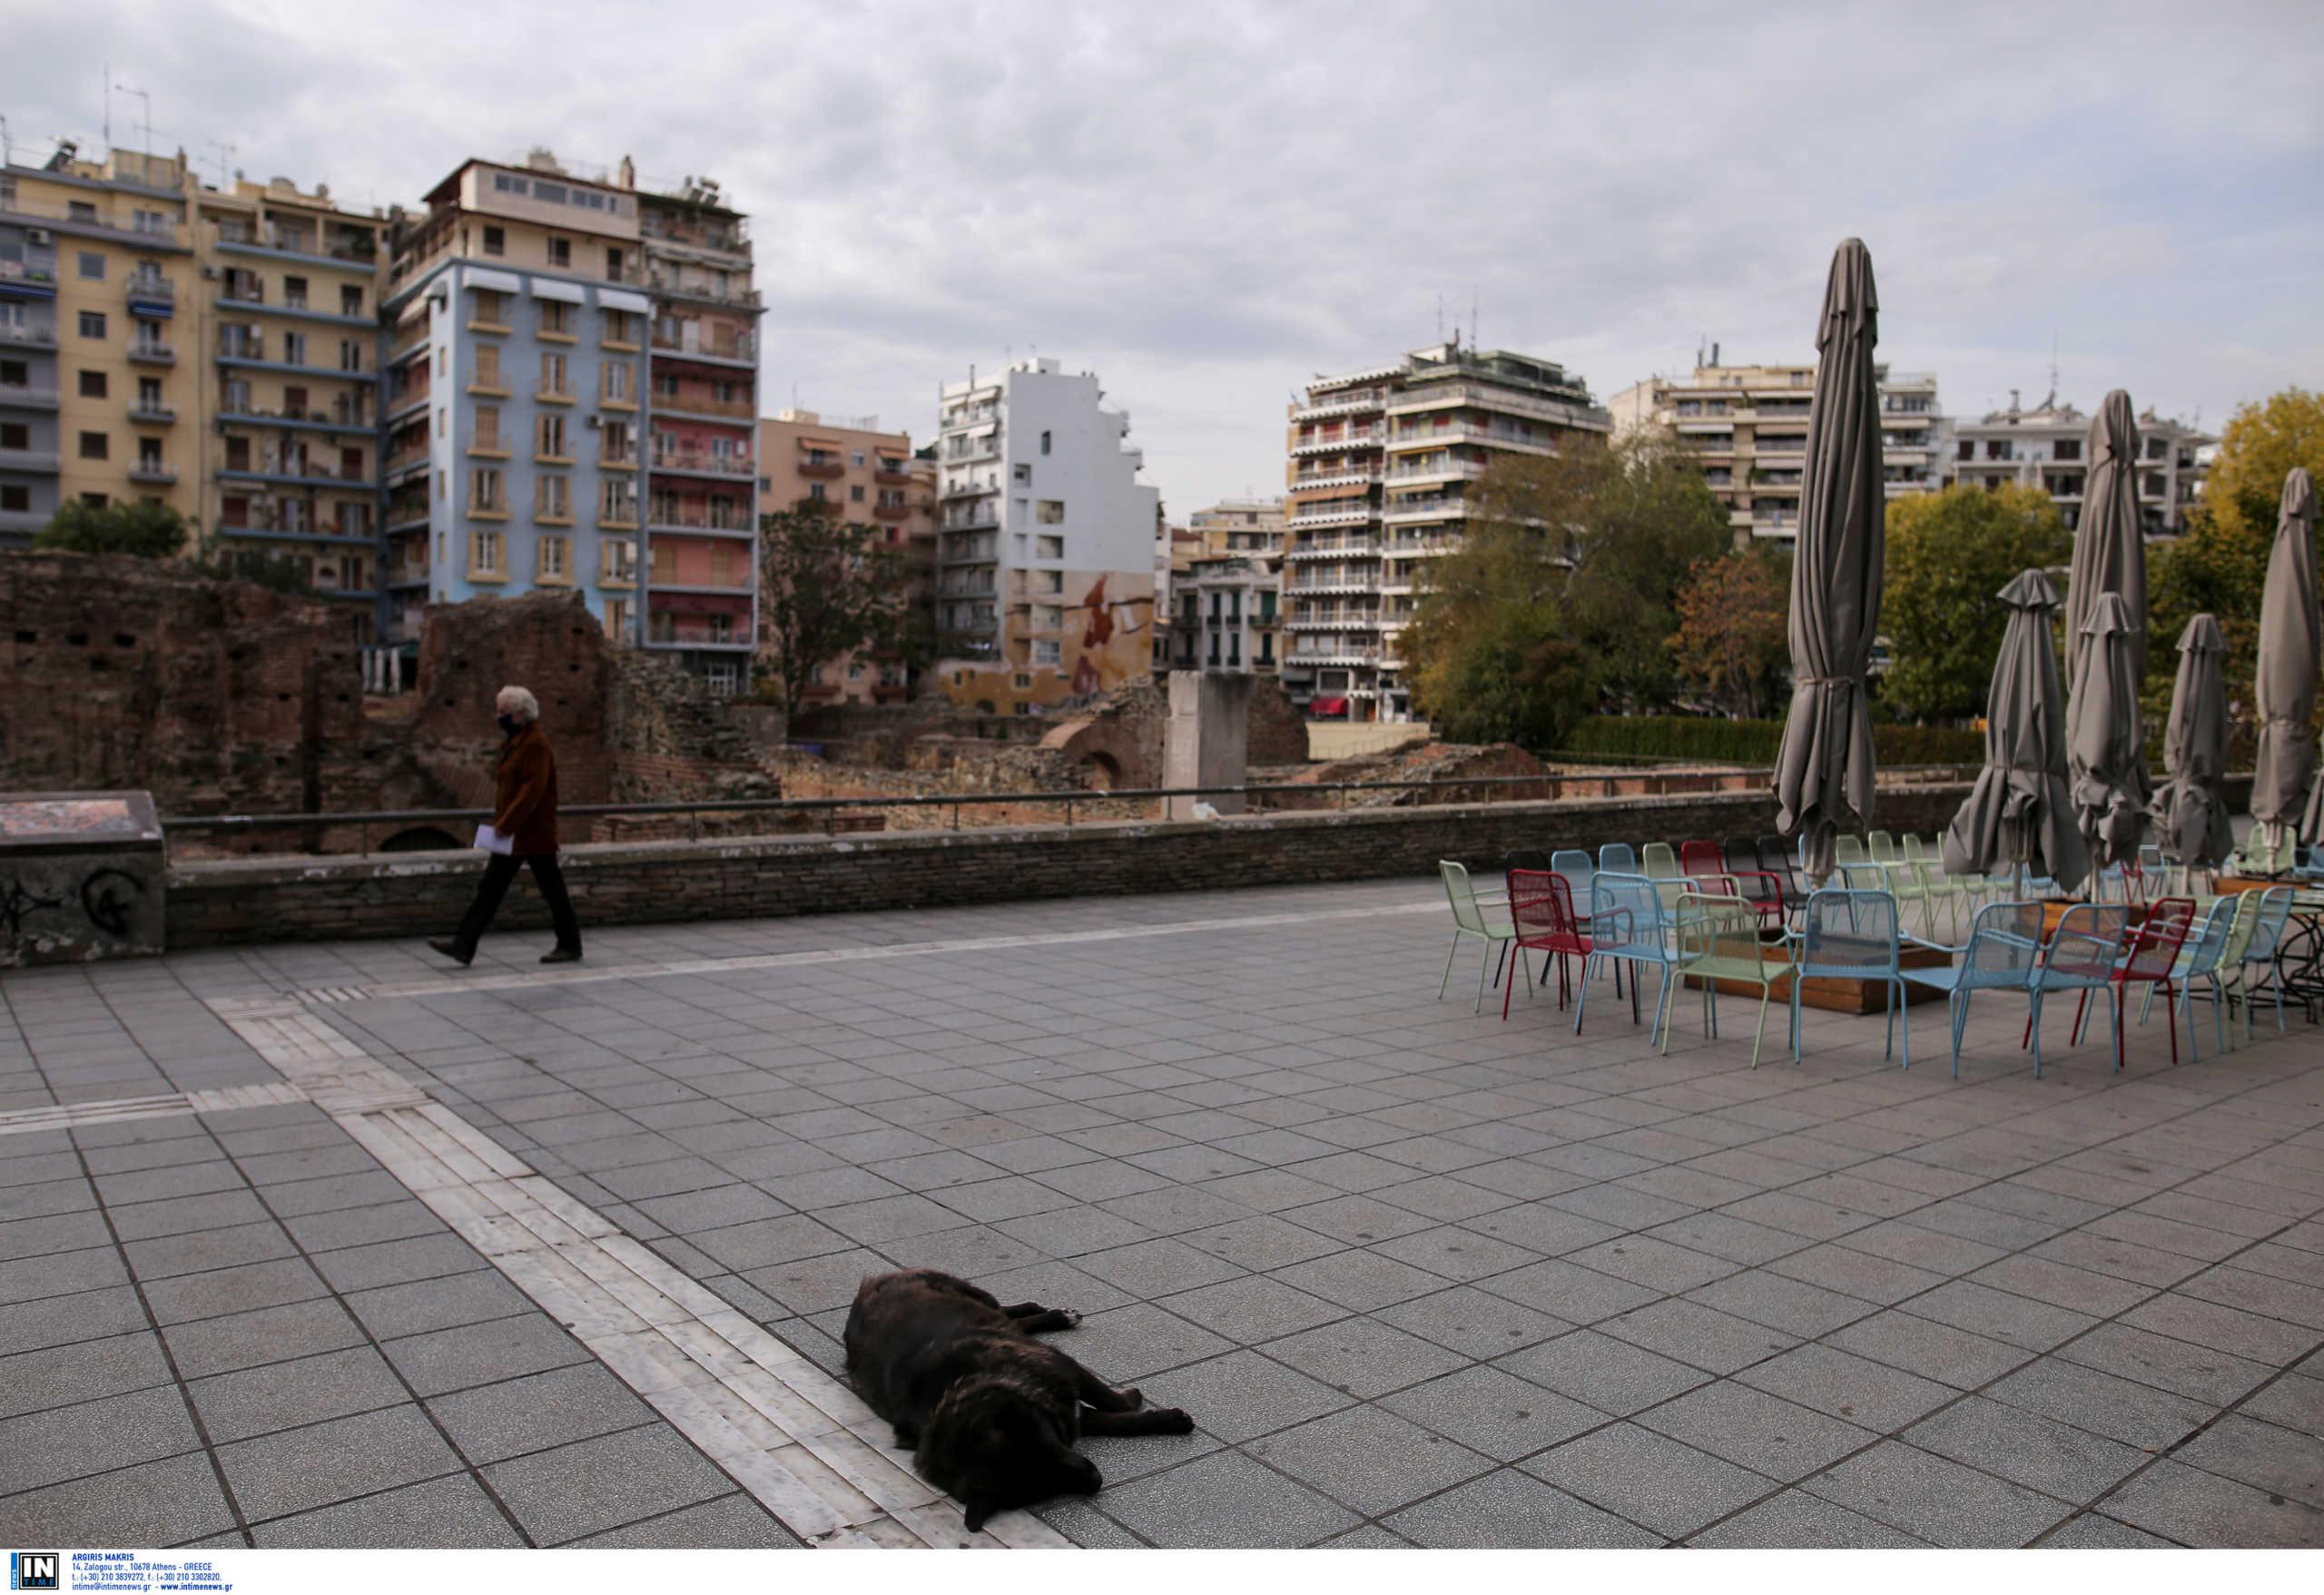 Κορονοϊός: Μικρή μείωση κρουσμάτων στη Θεσσαλονίκη – Πού εντοπίζονται τα 2018 νέα κρούσματα